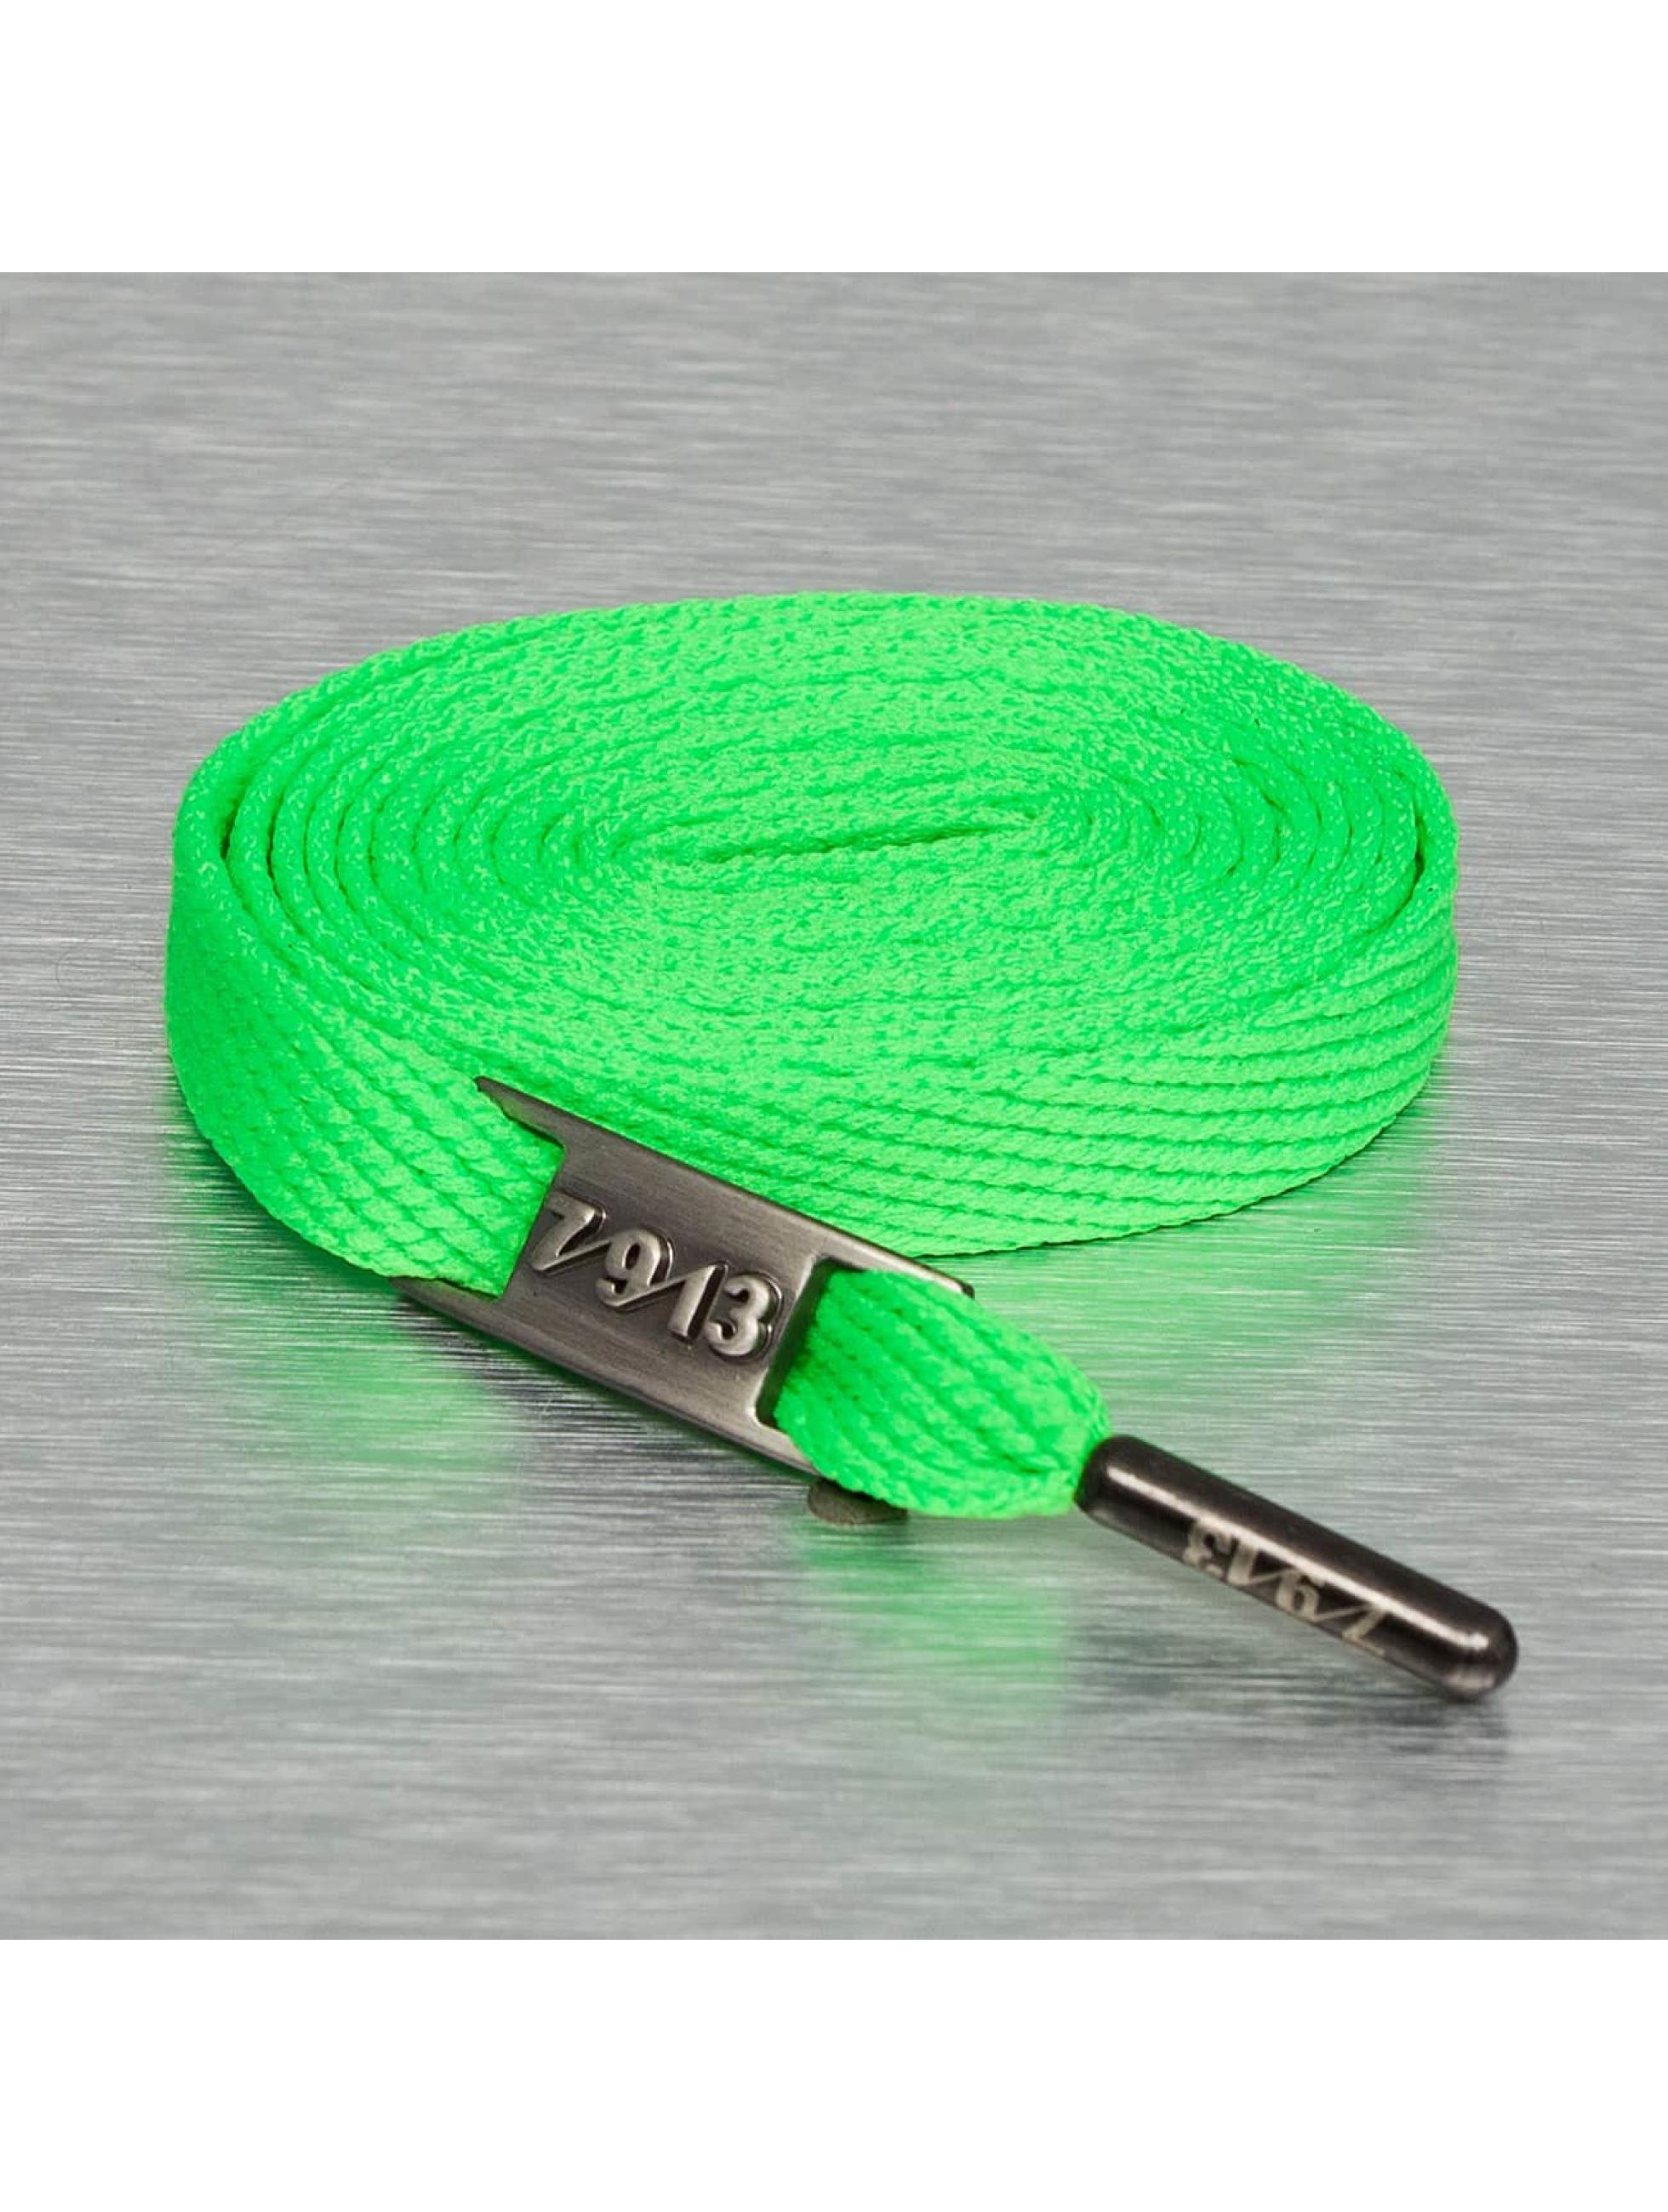 Seven Nine 13 Veter Full Metal groen